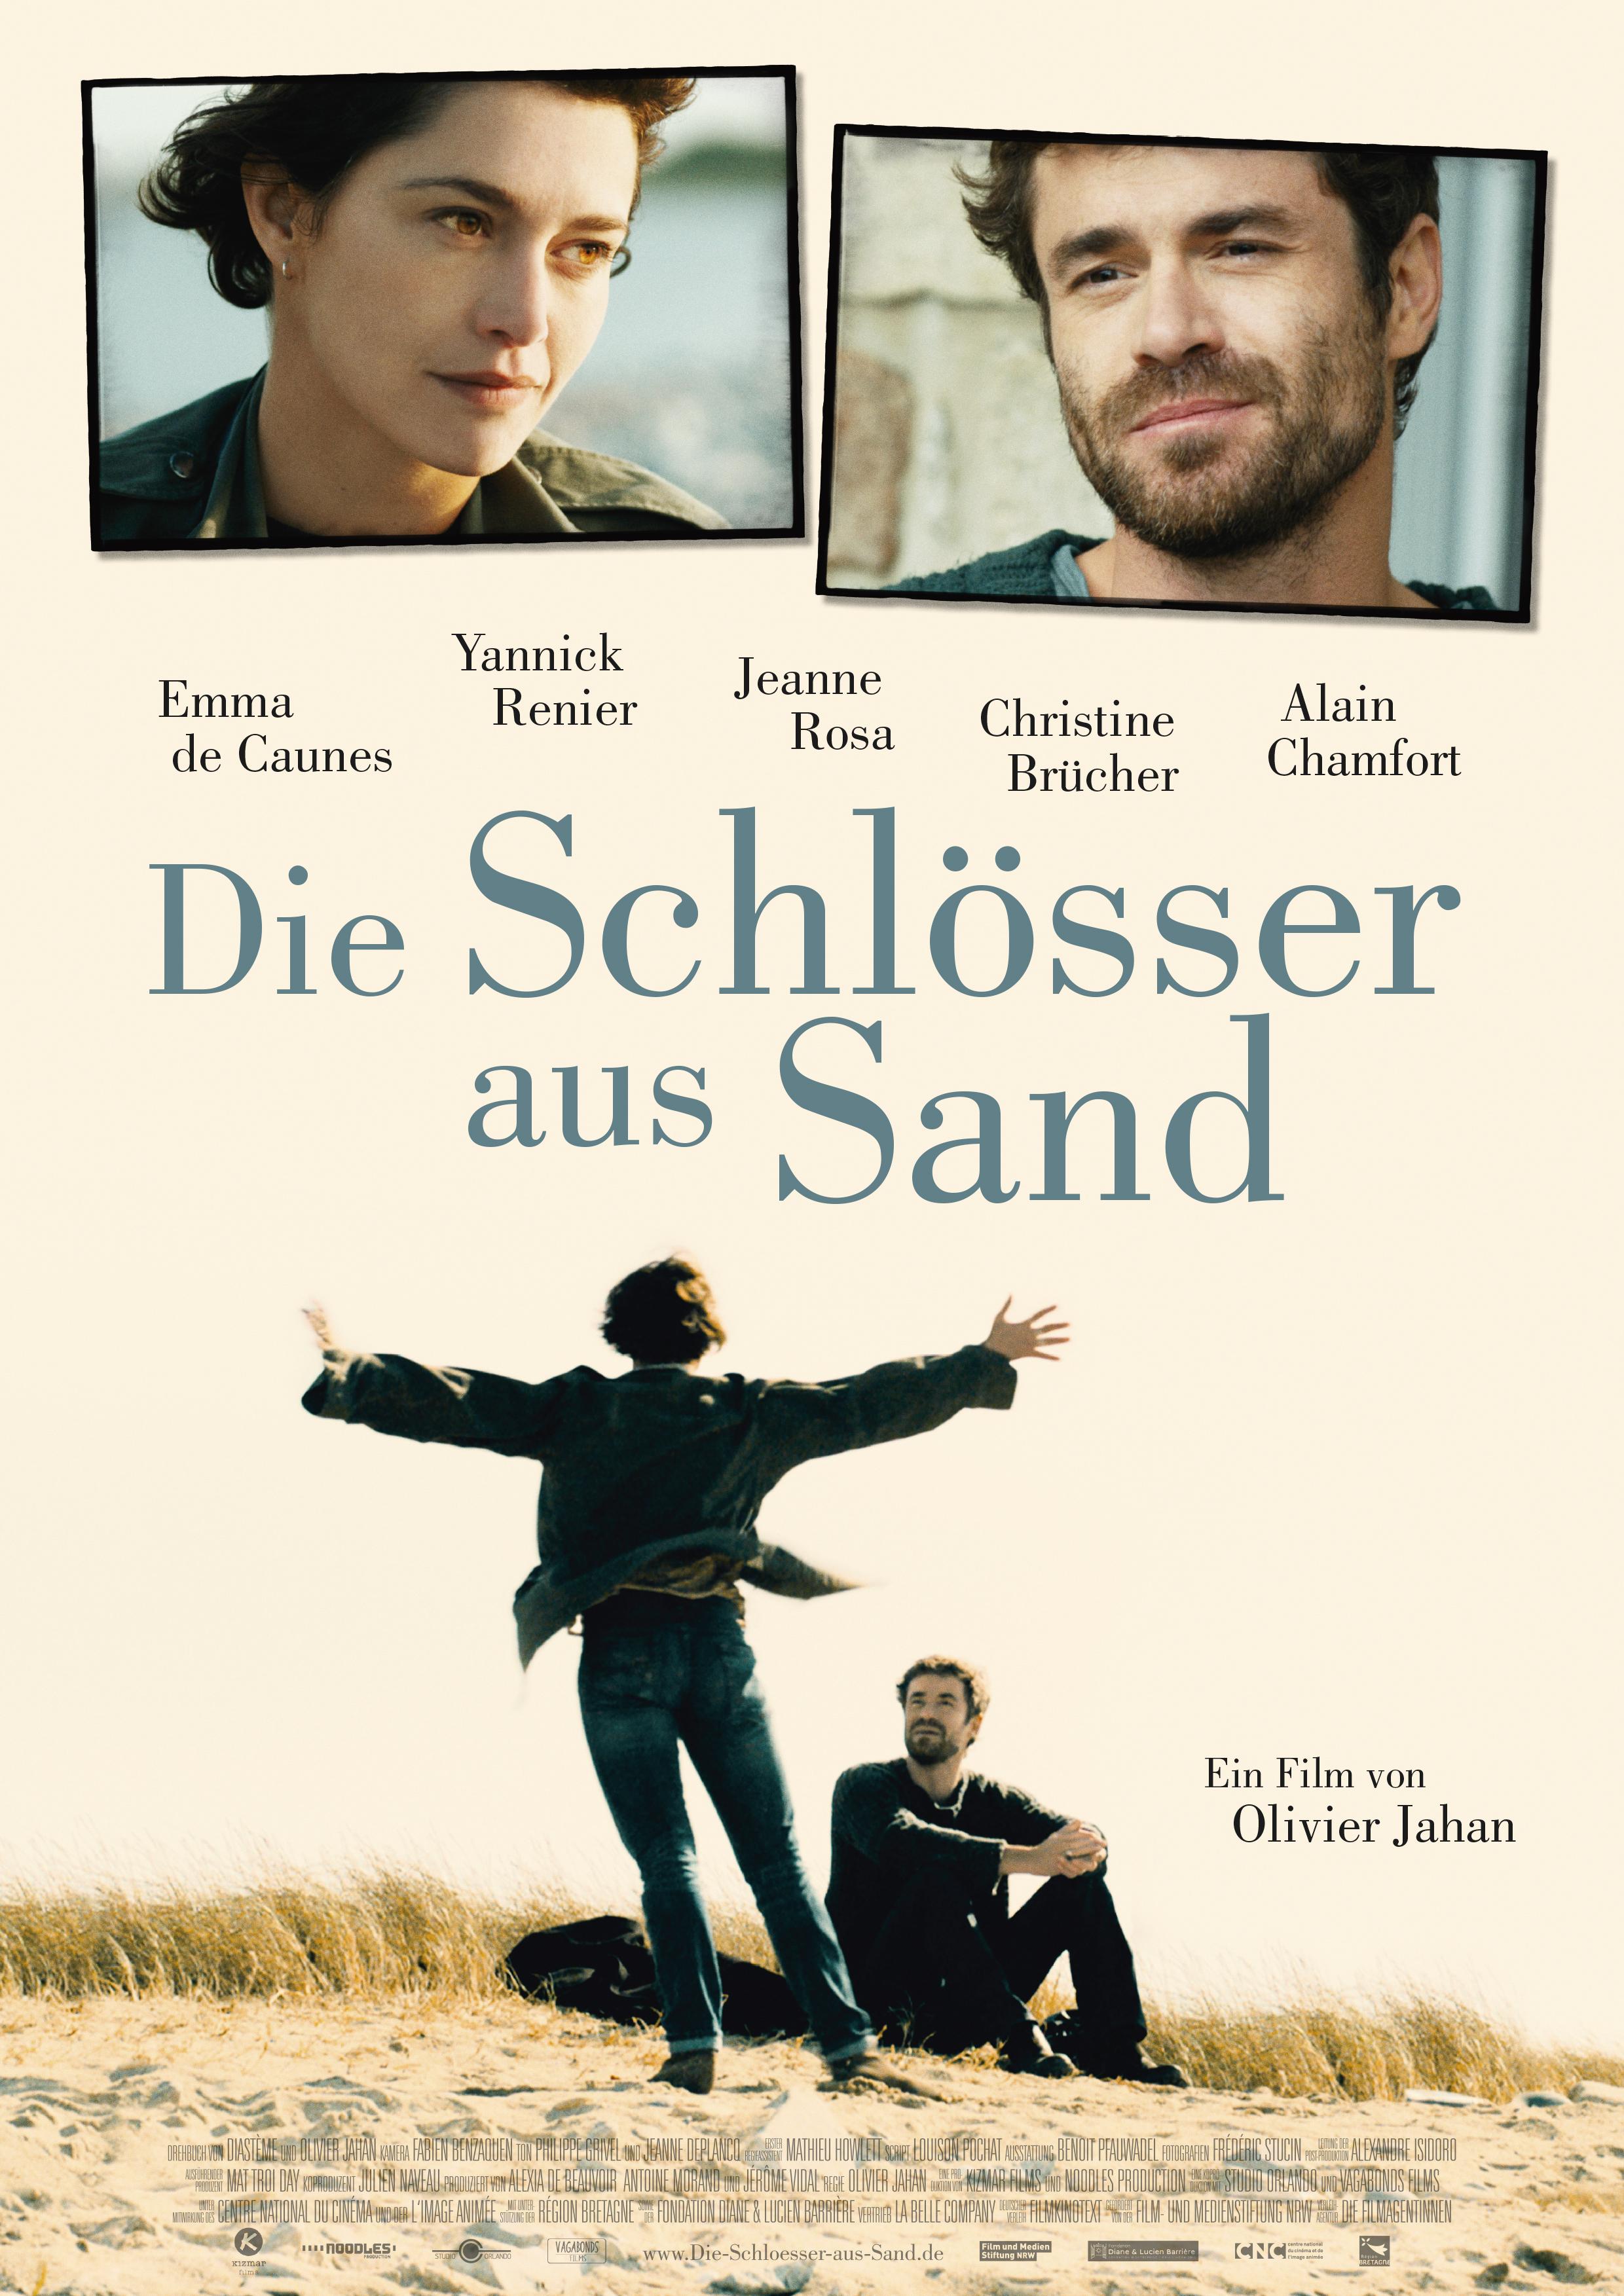 Die Schloesser aus Sand_Film Kino Text_Plakat